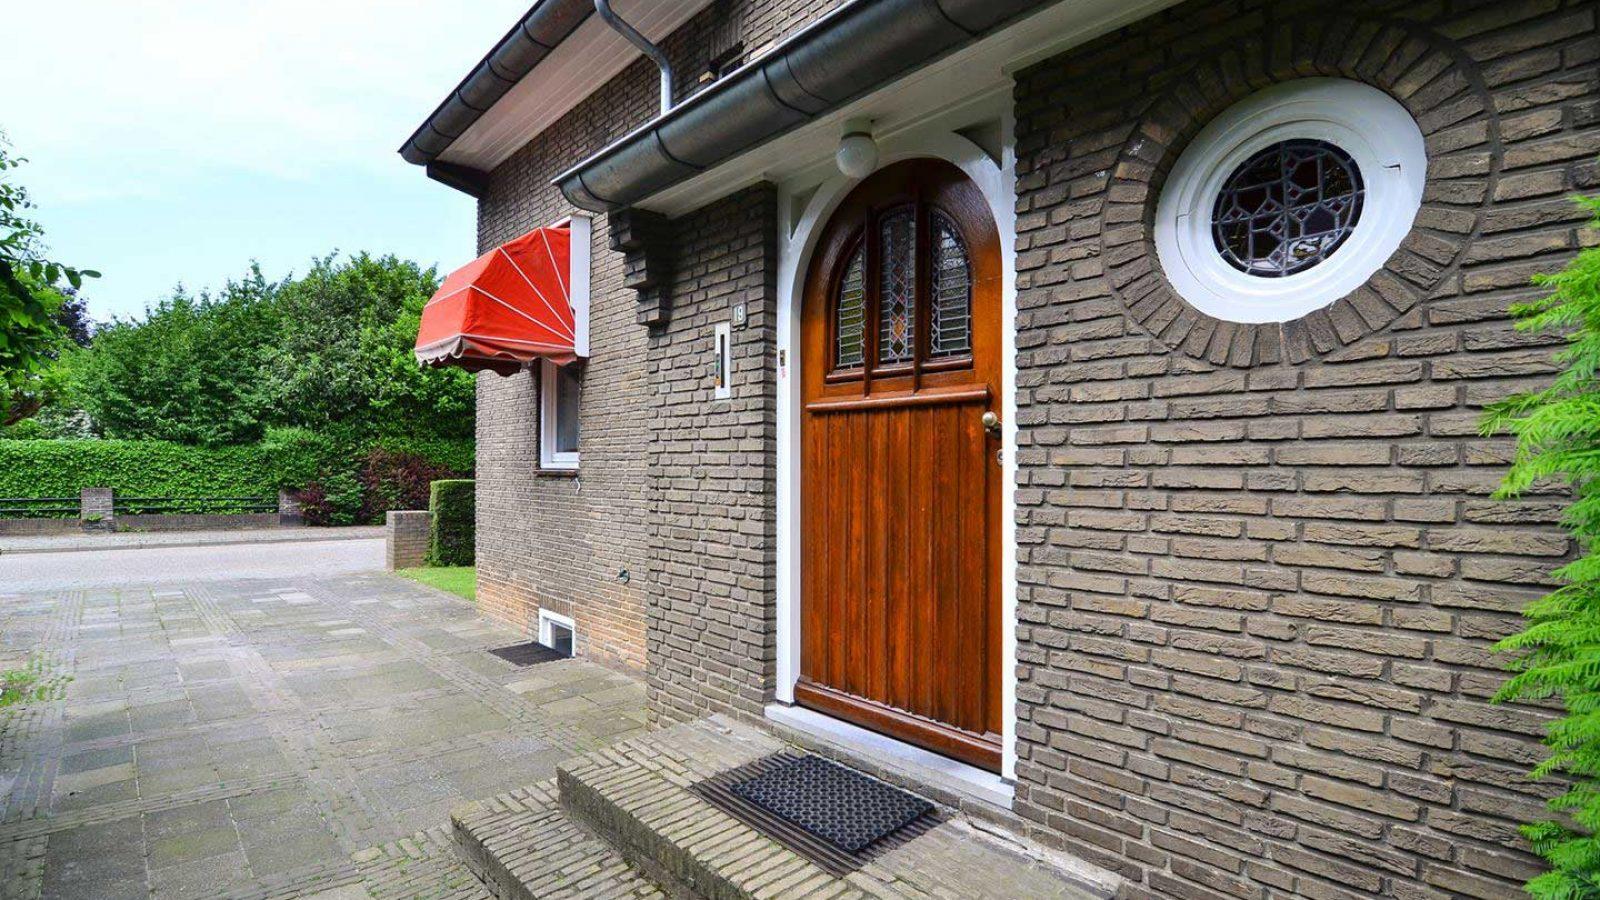 Roerzicht-381_1440